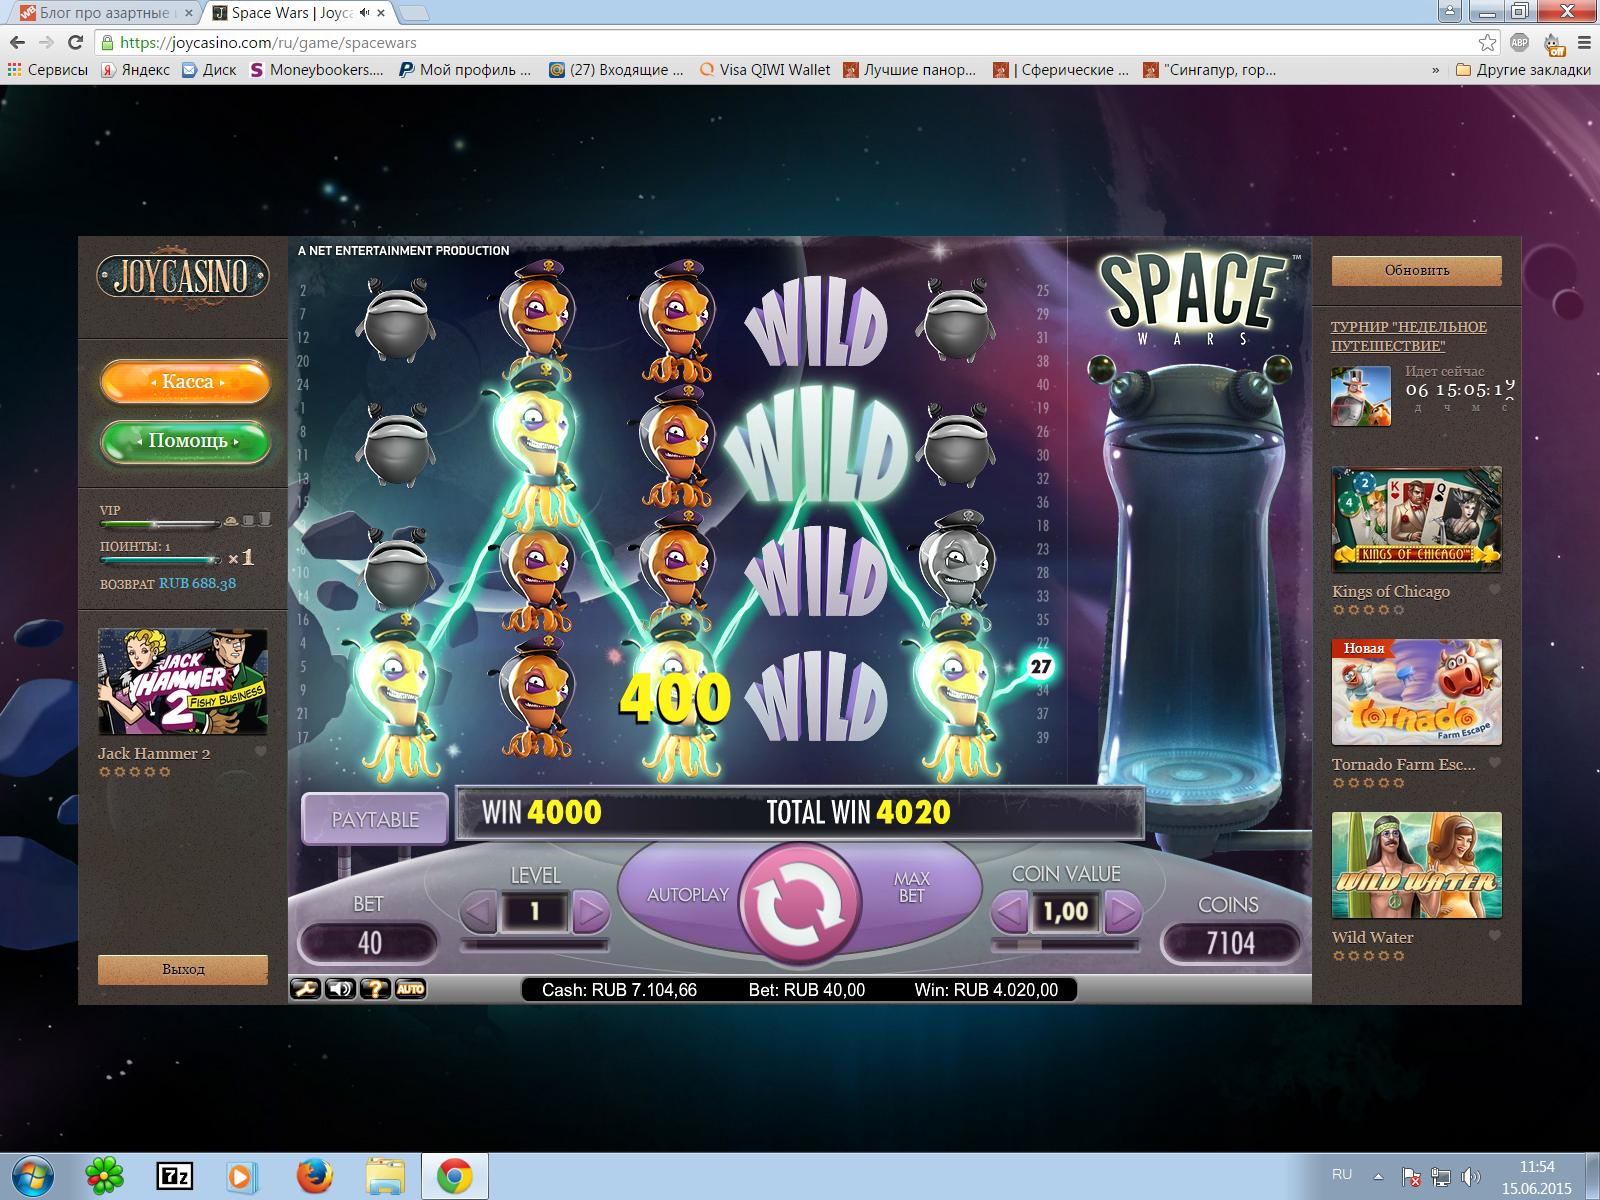 Видео крупных выигрышей онлайн казино игровые автоматы в интернете на деньги отзывы игроков